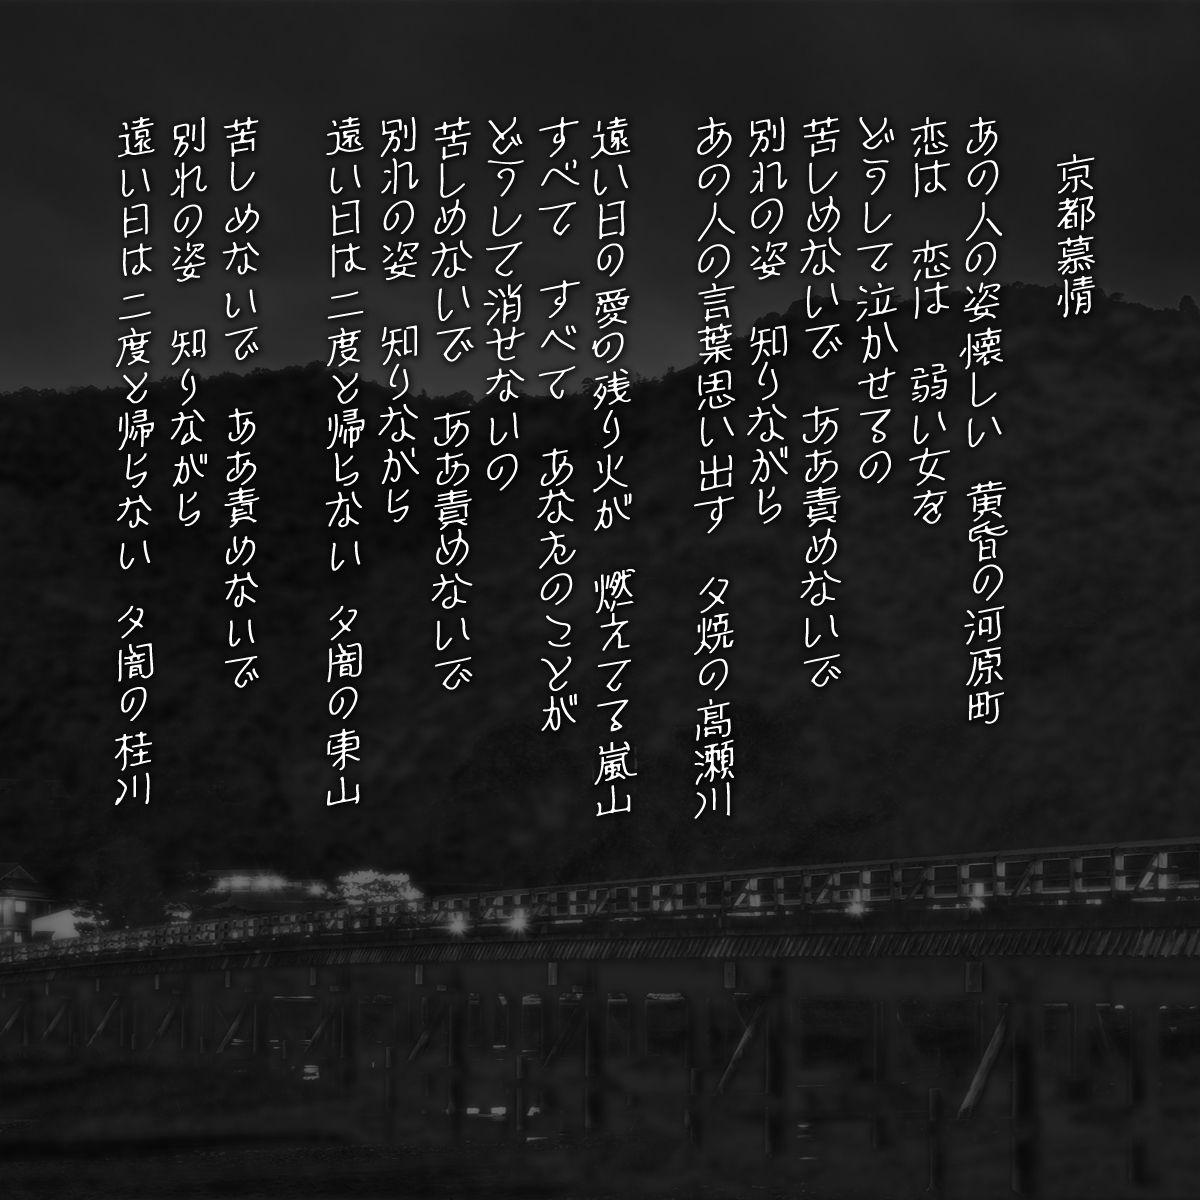 京都慕情字幕